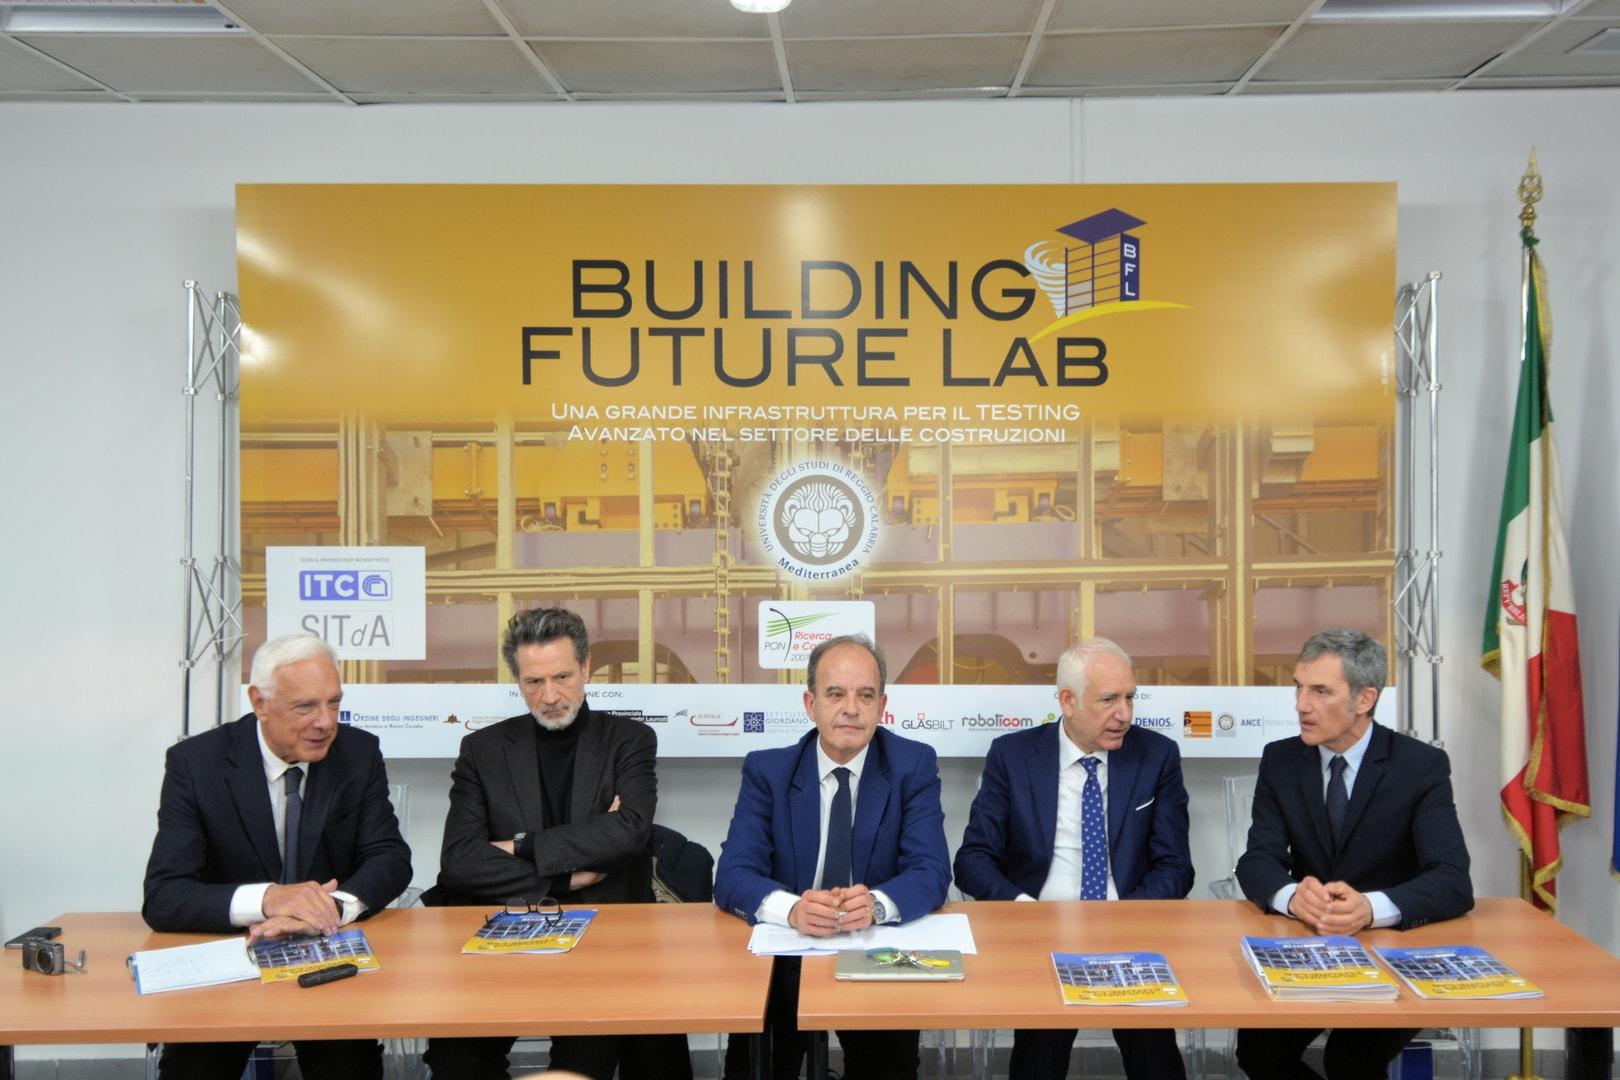 Building Future Lab, conferenza stampa